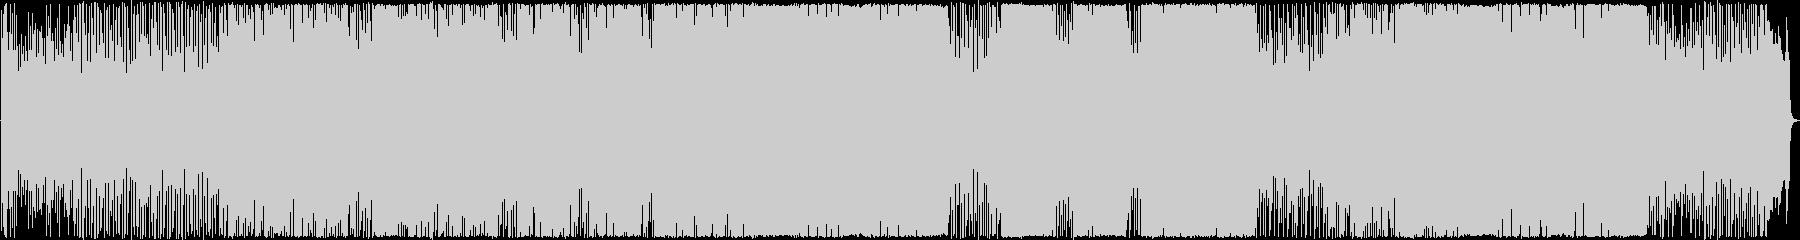 アップテンポのシャッフルギターの未再生の波形